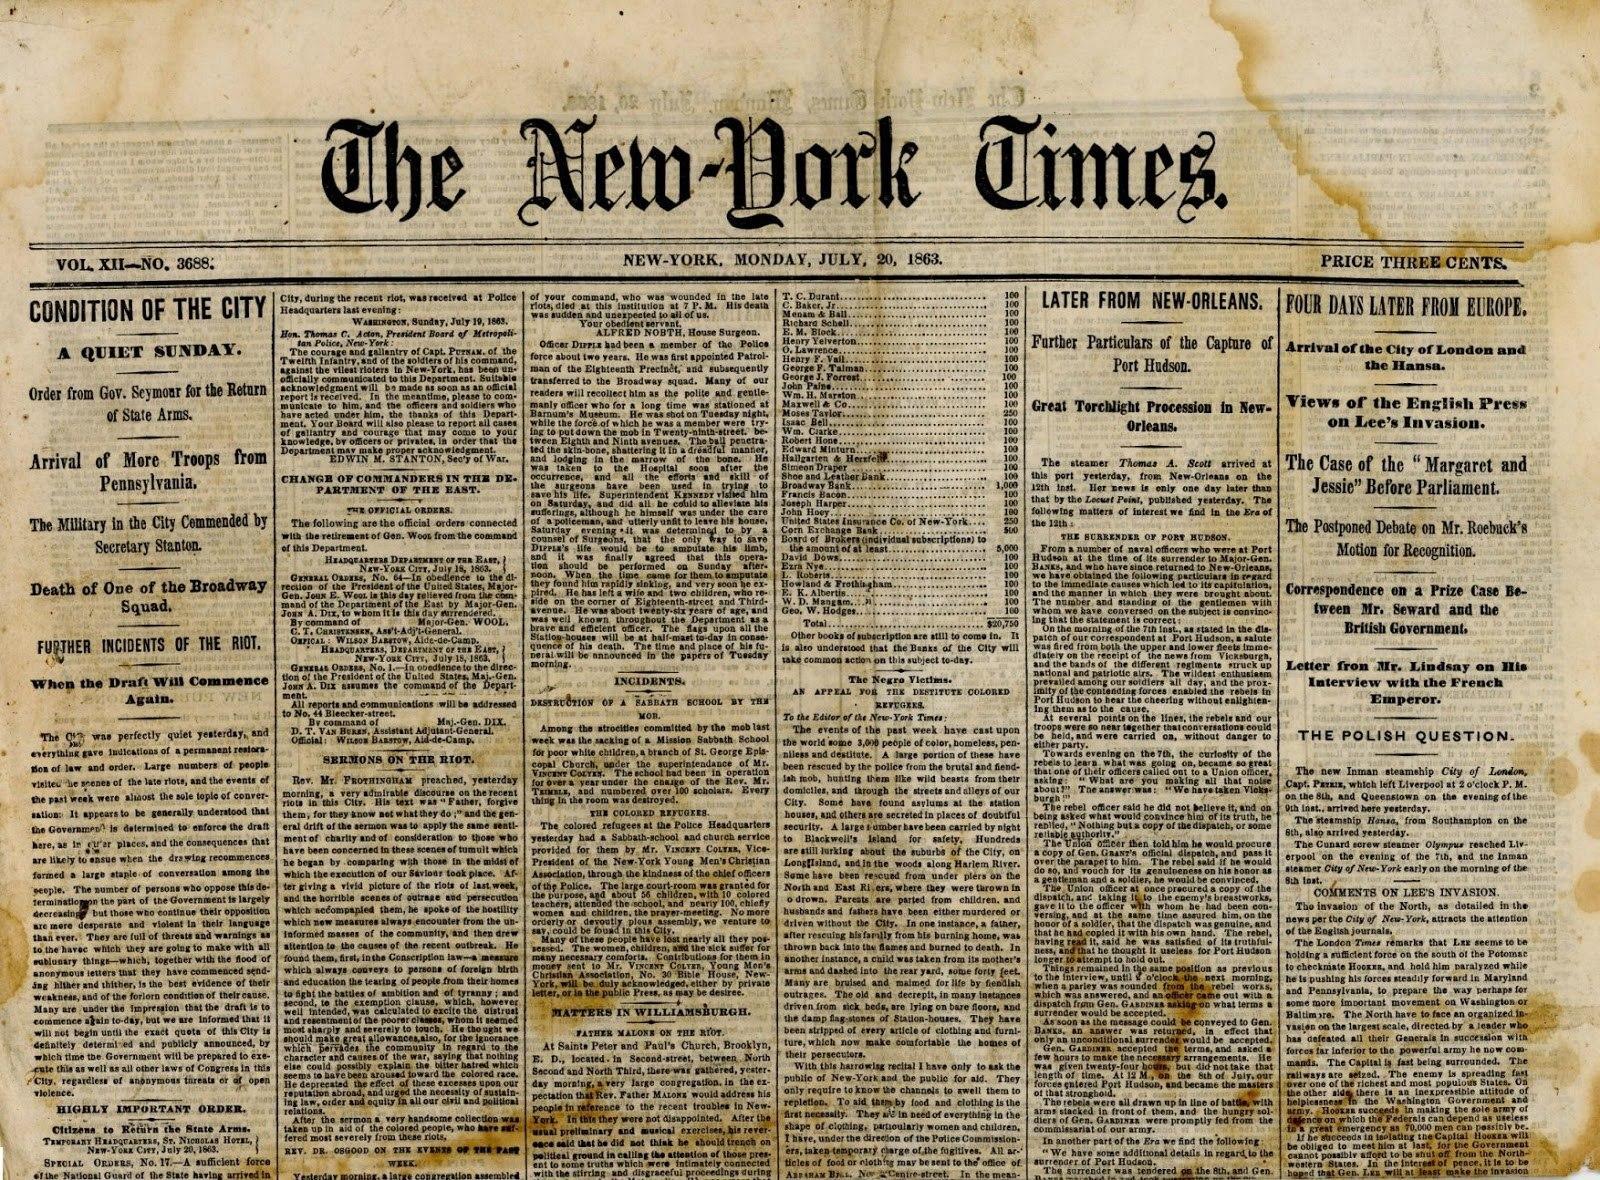 нью йорк таймс на русском языке официальный сайт